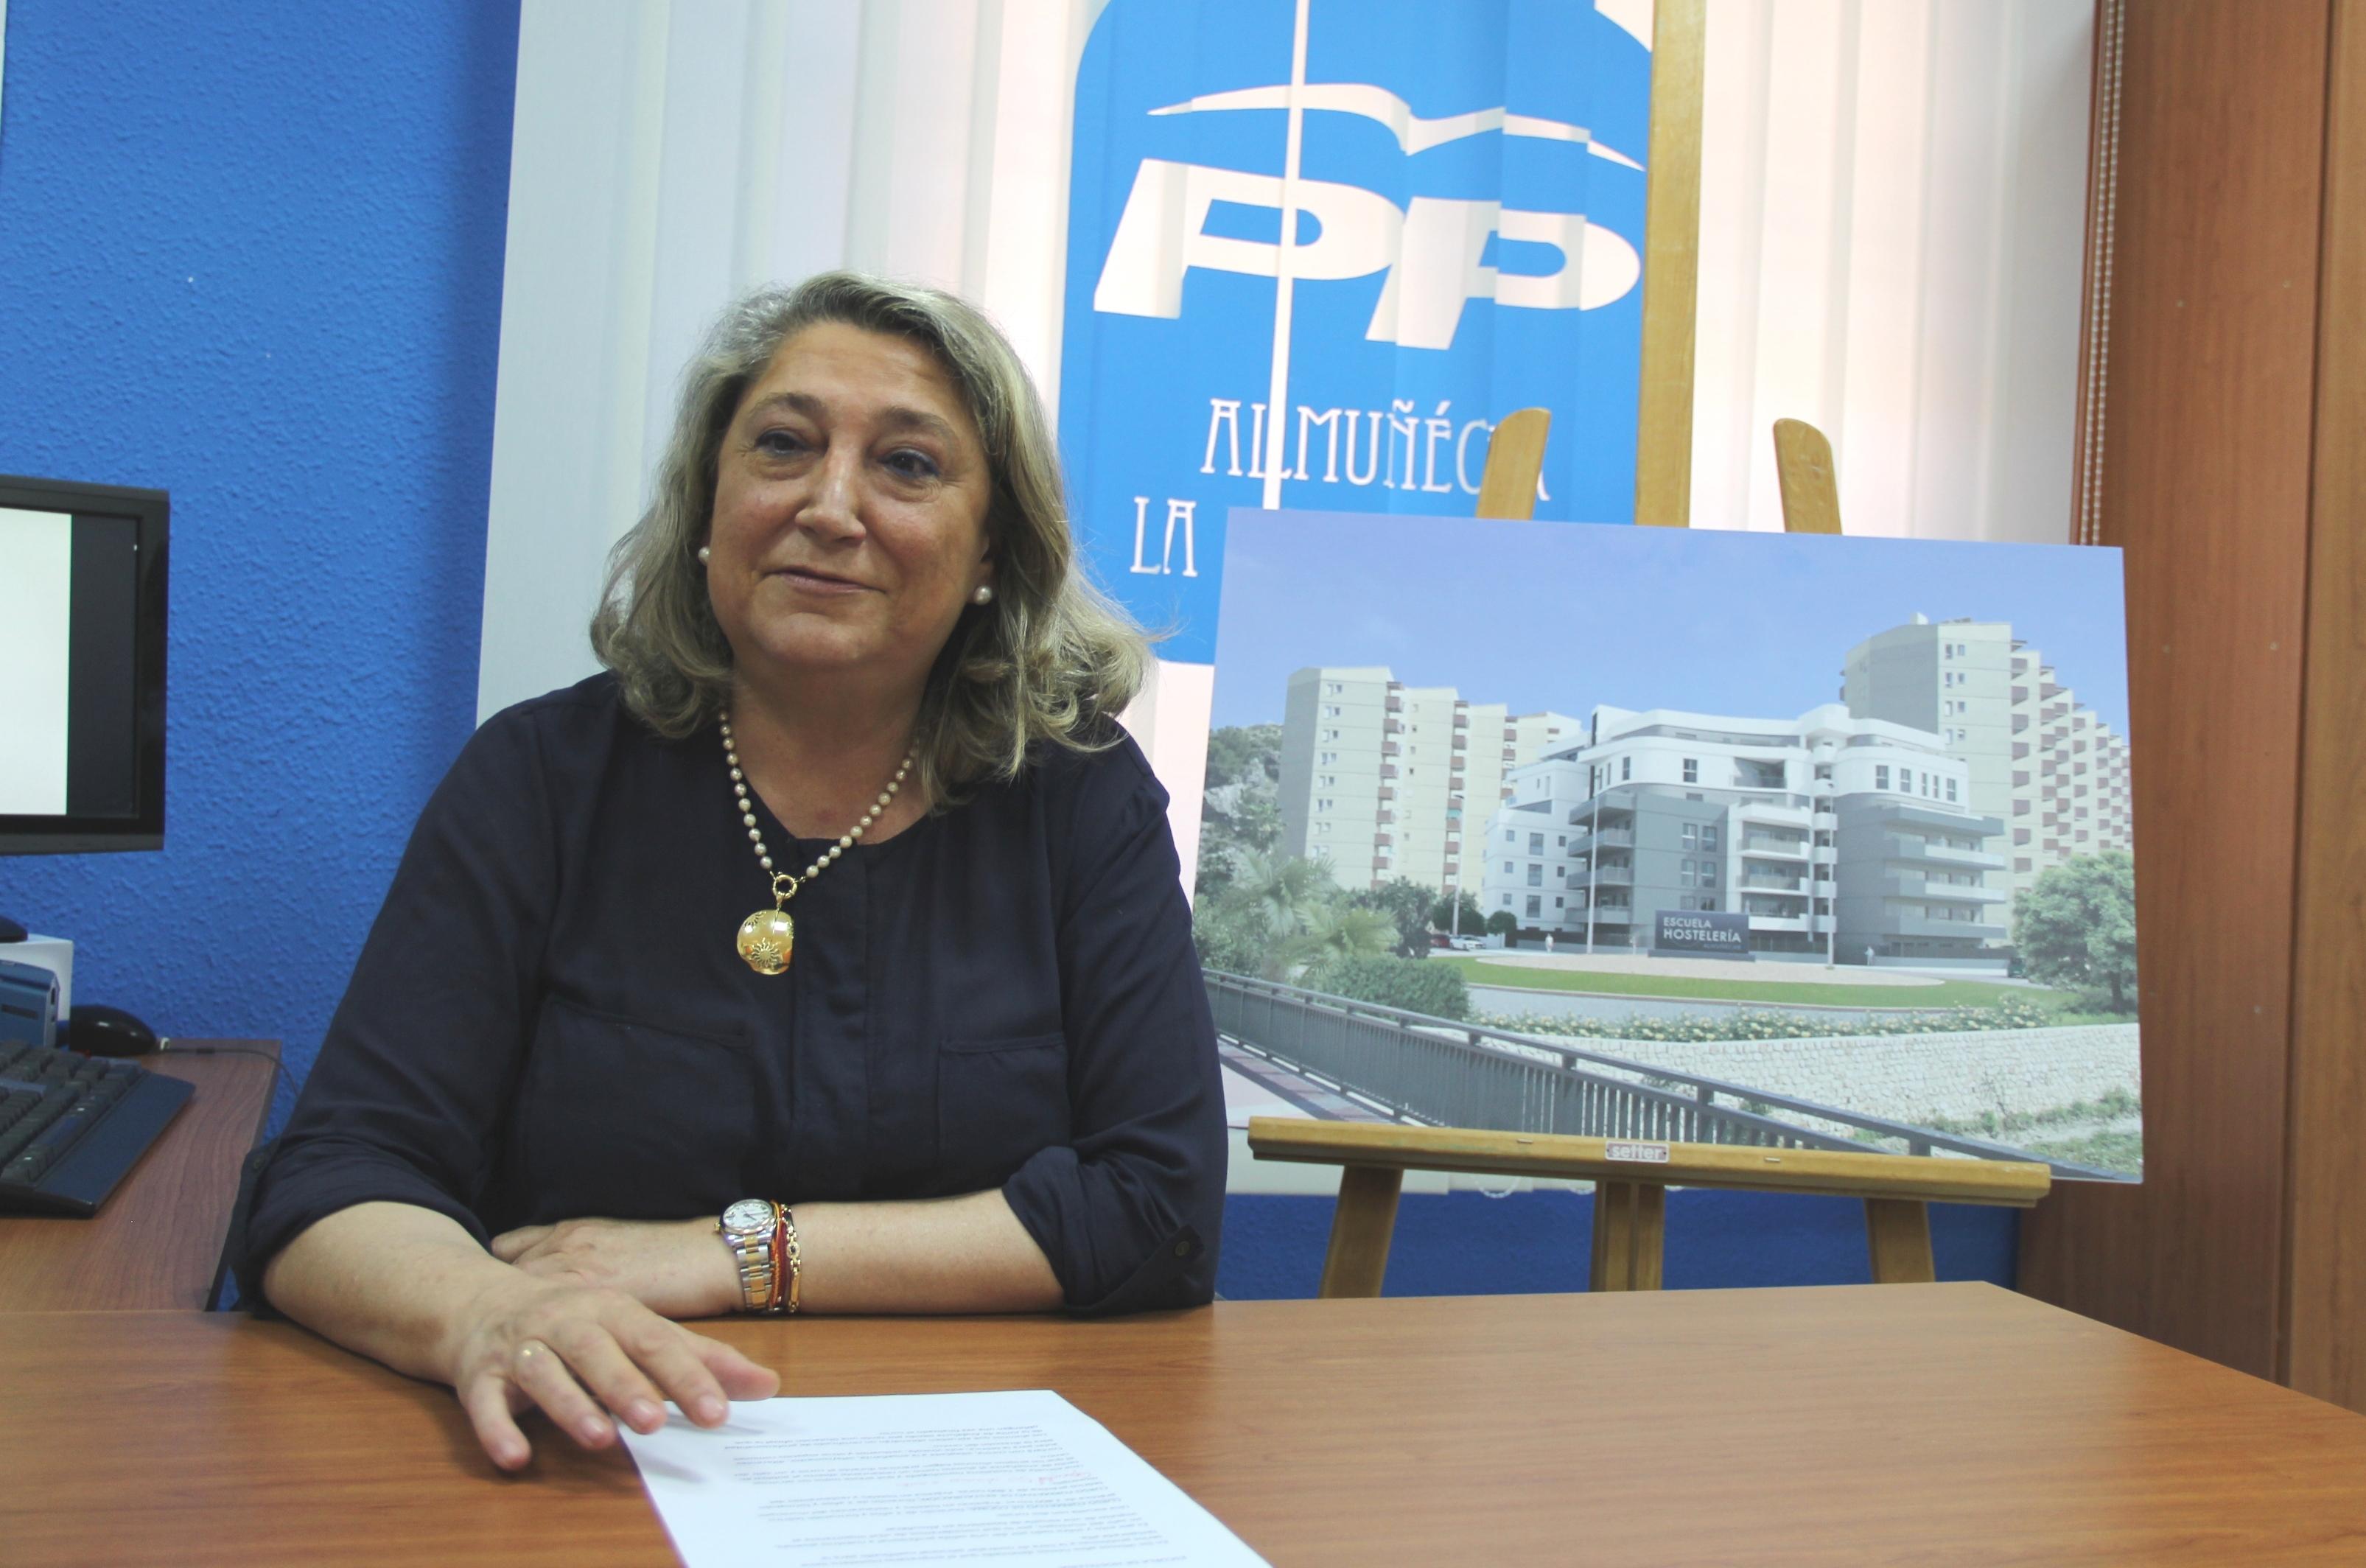 TRINIDAD HERRERA, CANDIDATA DEL PP A LA ALCALDÍA DE ALMUÑÉCAR